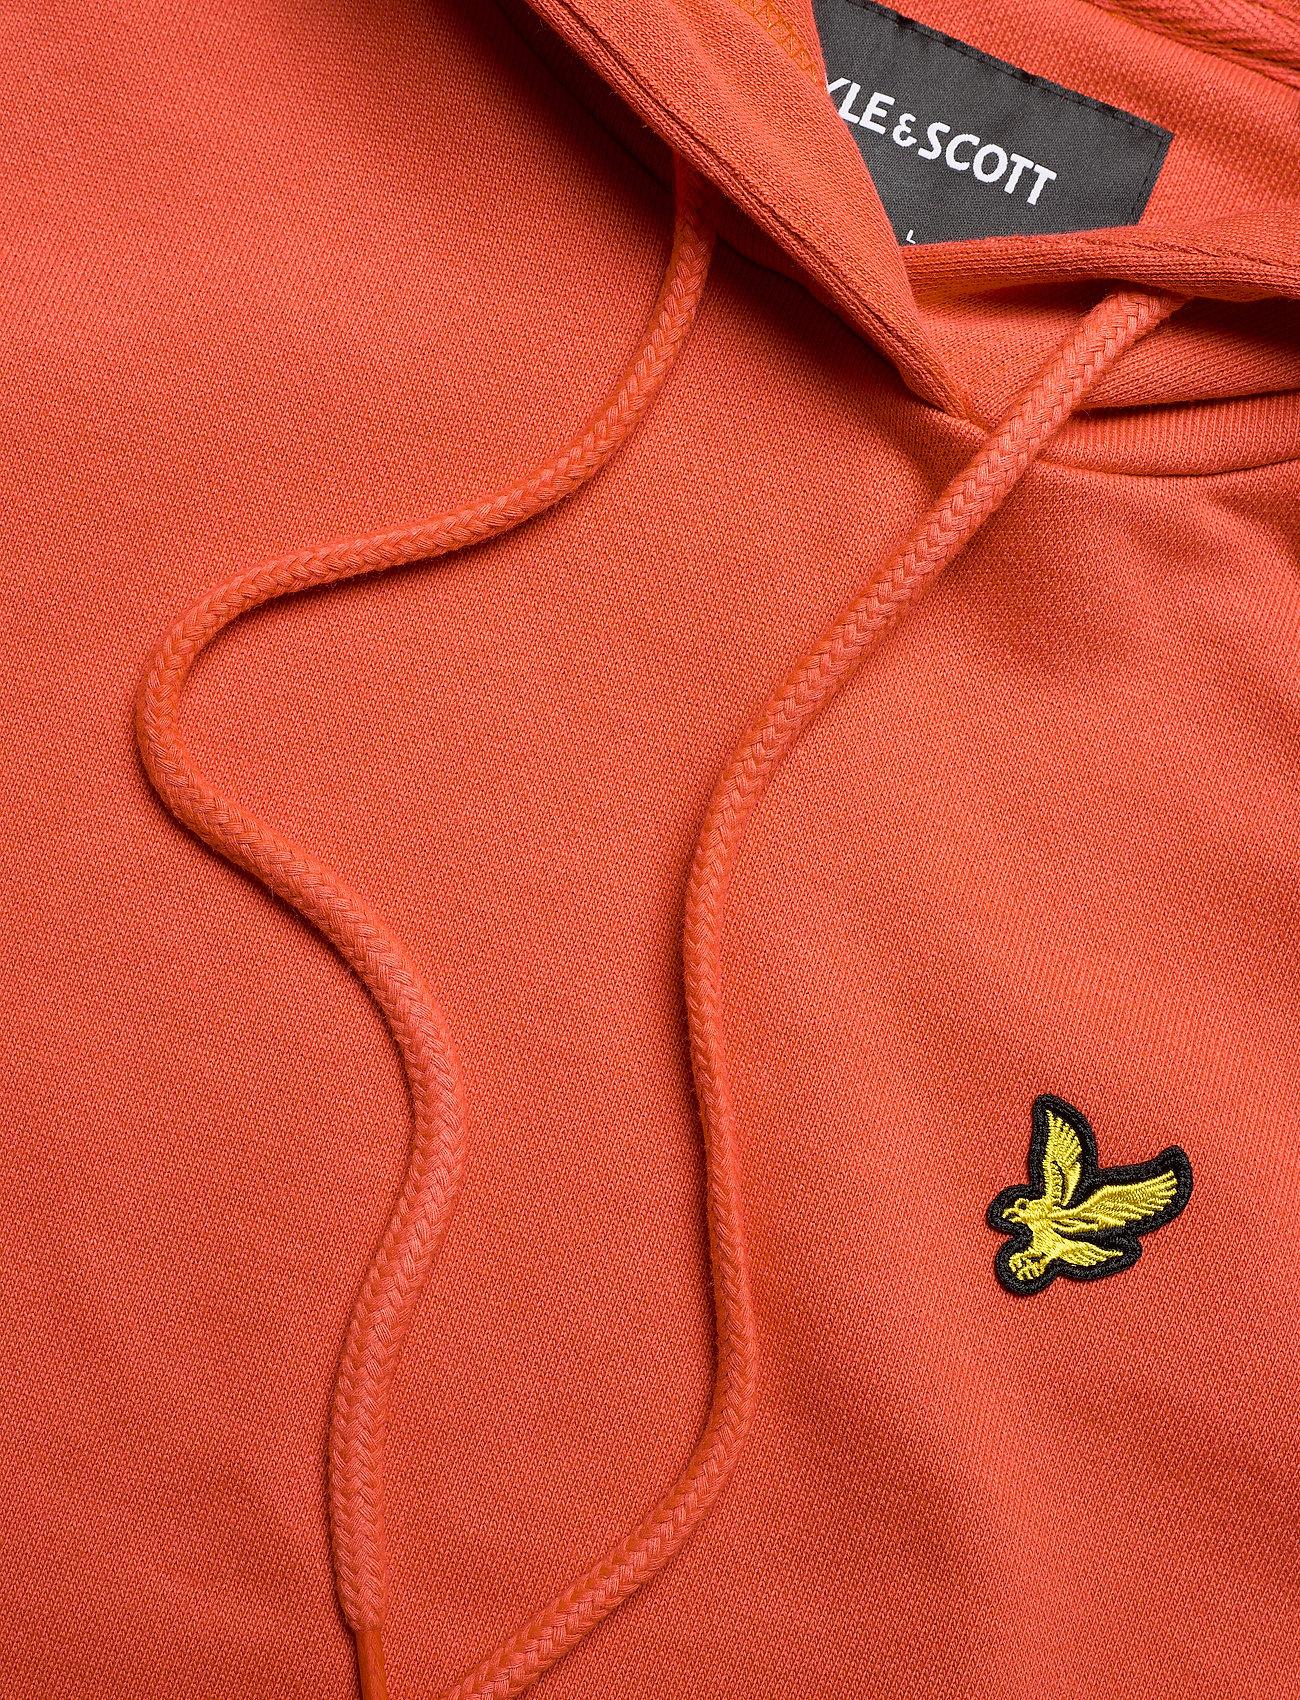 Lyle & Scott - Hoodie - sweatshirts & hoodies - paprika orange - 2